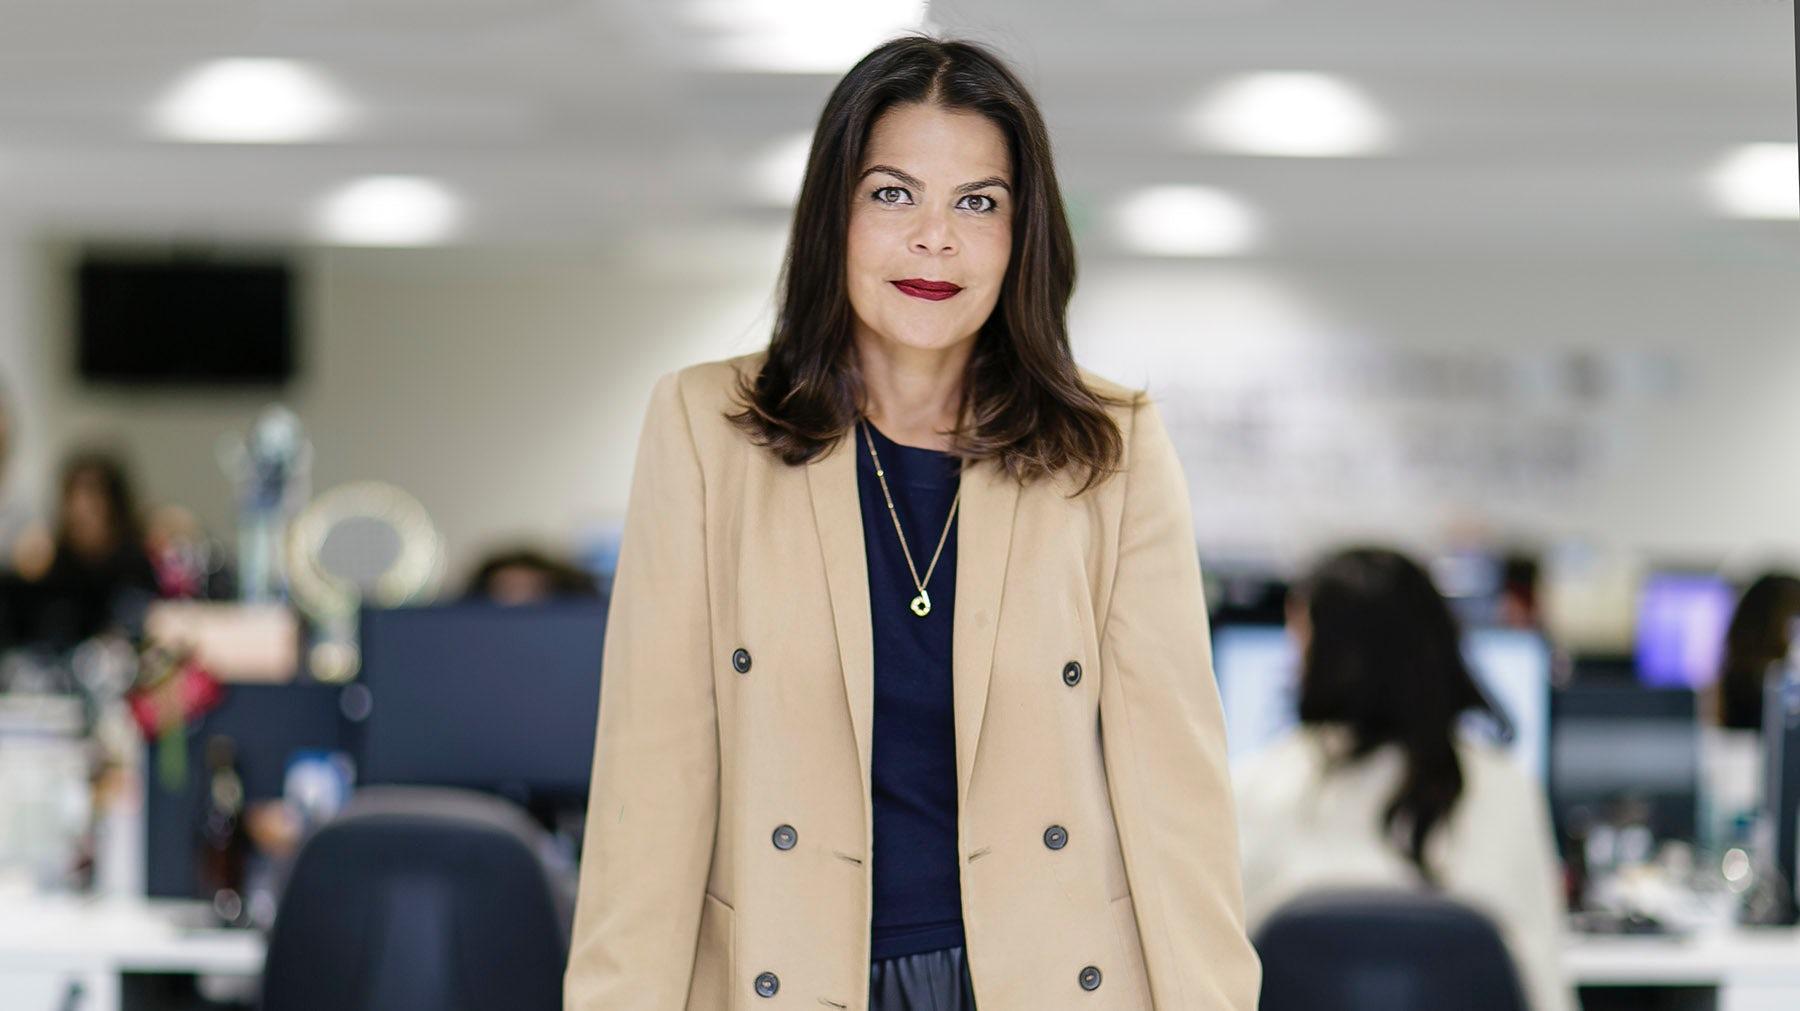 Daniela Falcão | Photo: João Viegas